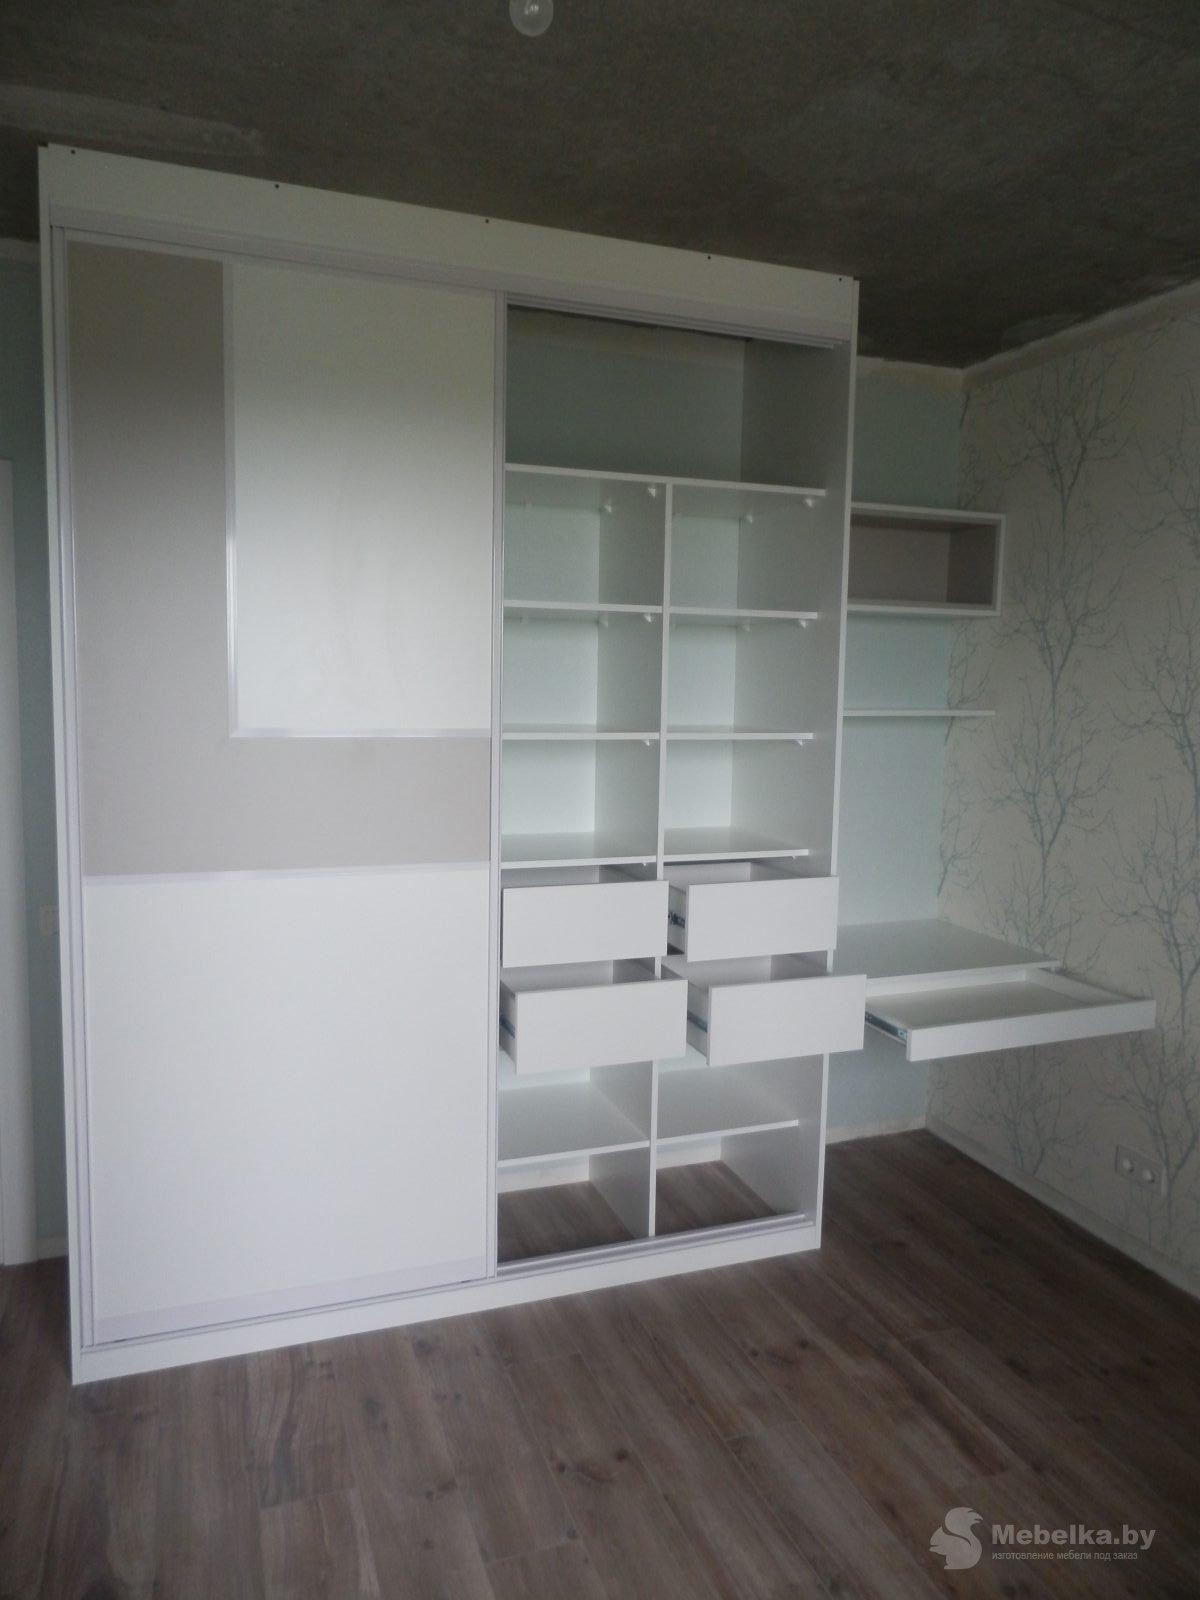 Шкаф-купе со вставкой и рабочим местом в спальне вид 6